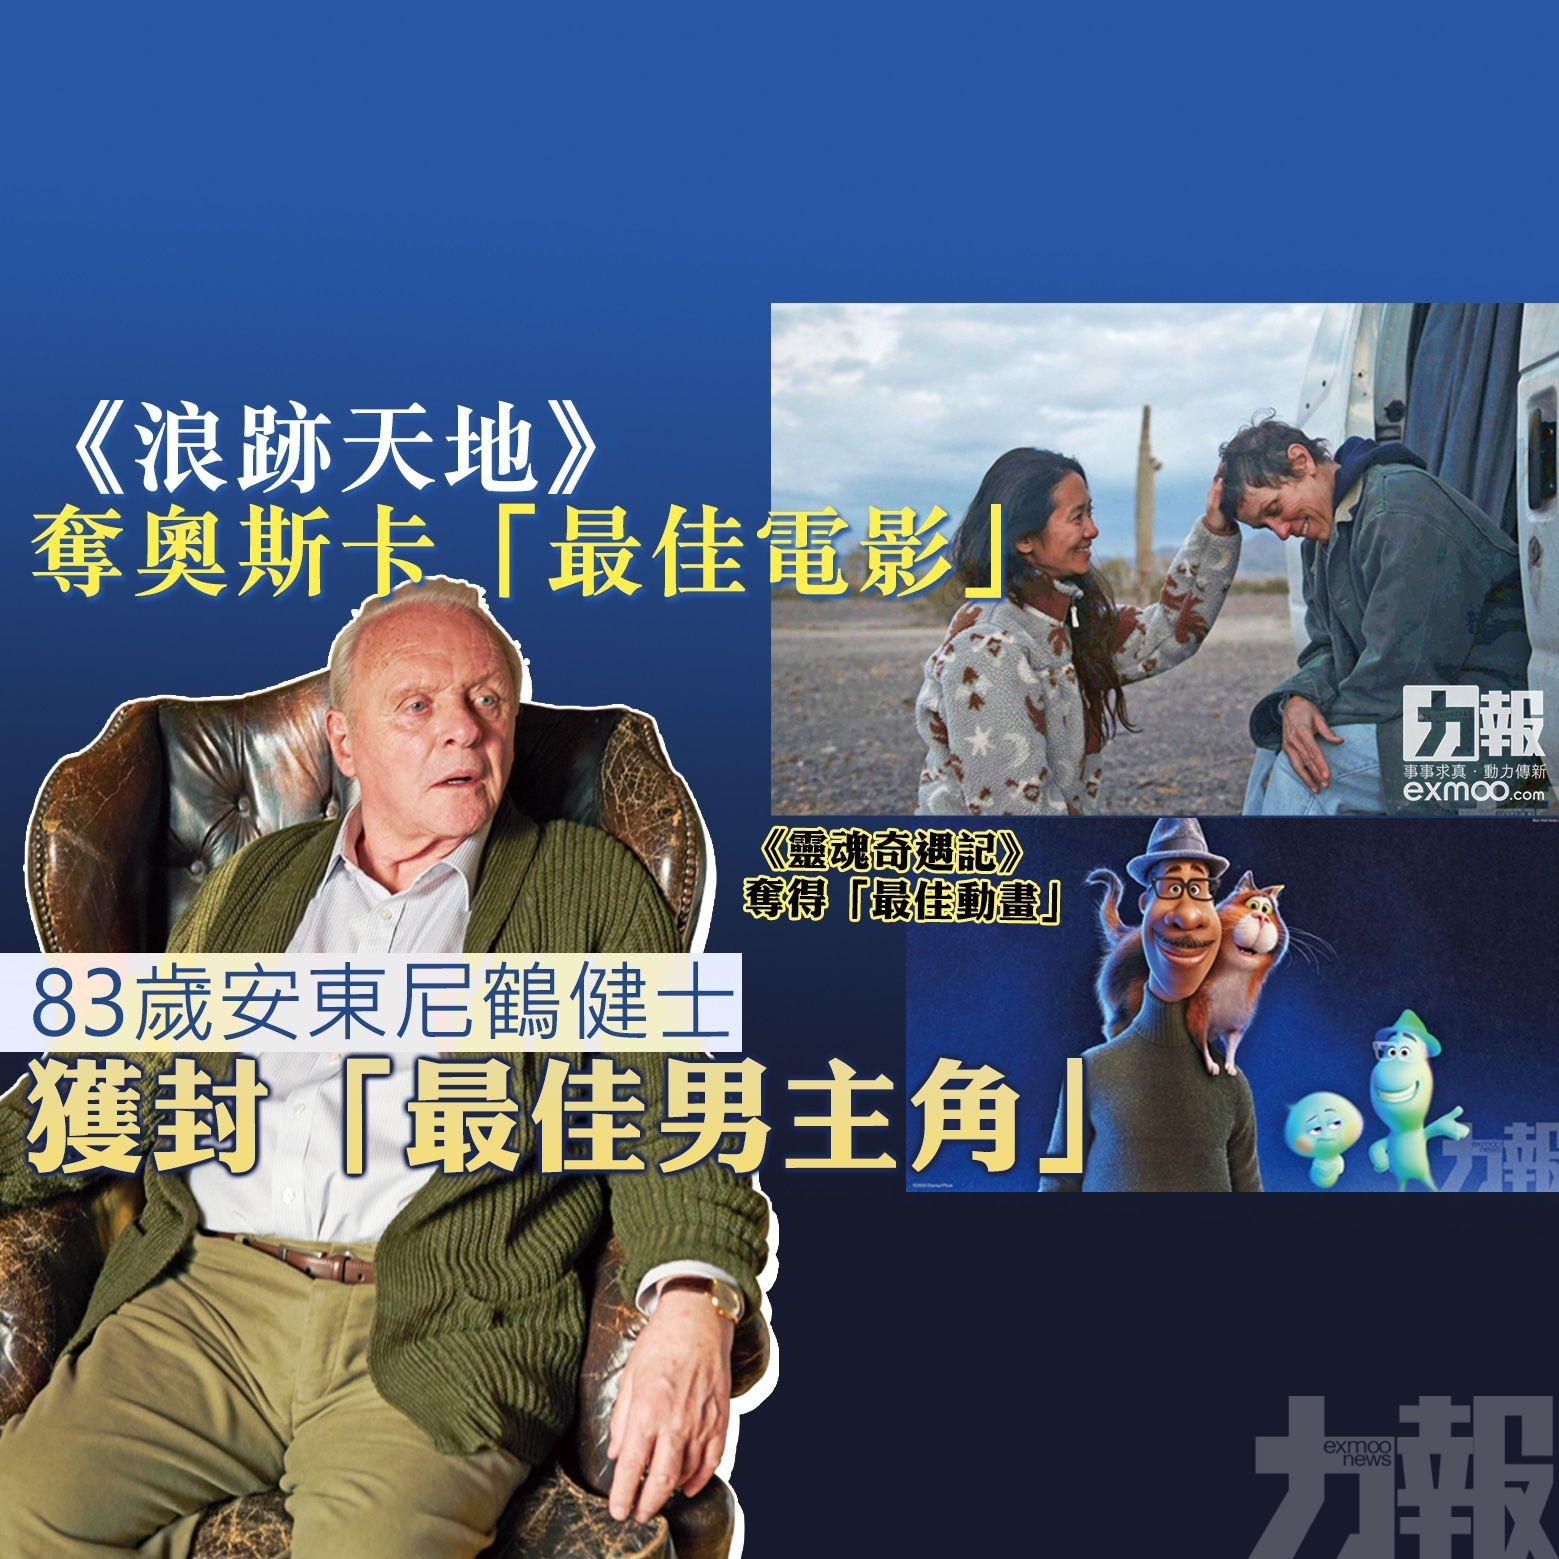 83歲安東尼鶴健士獲封「最佳男主角」